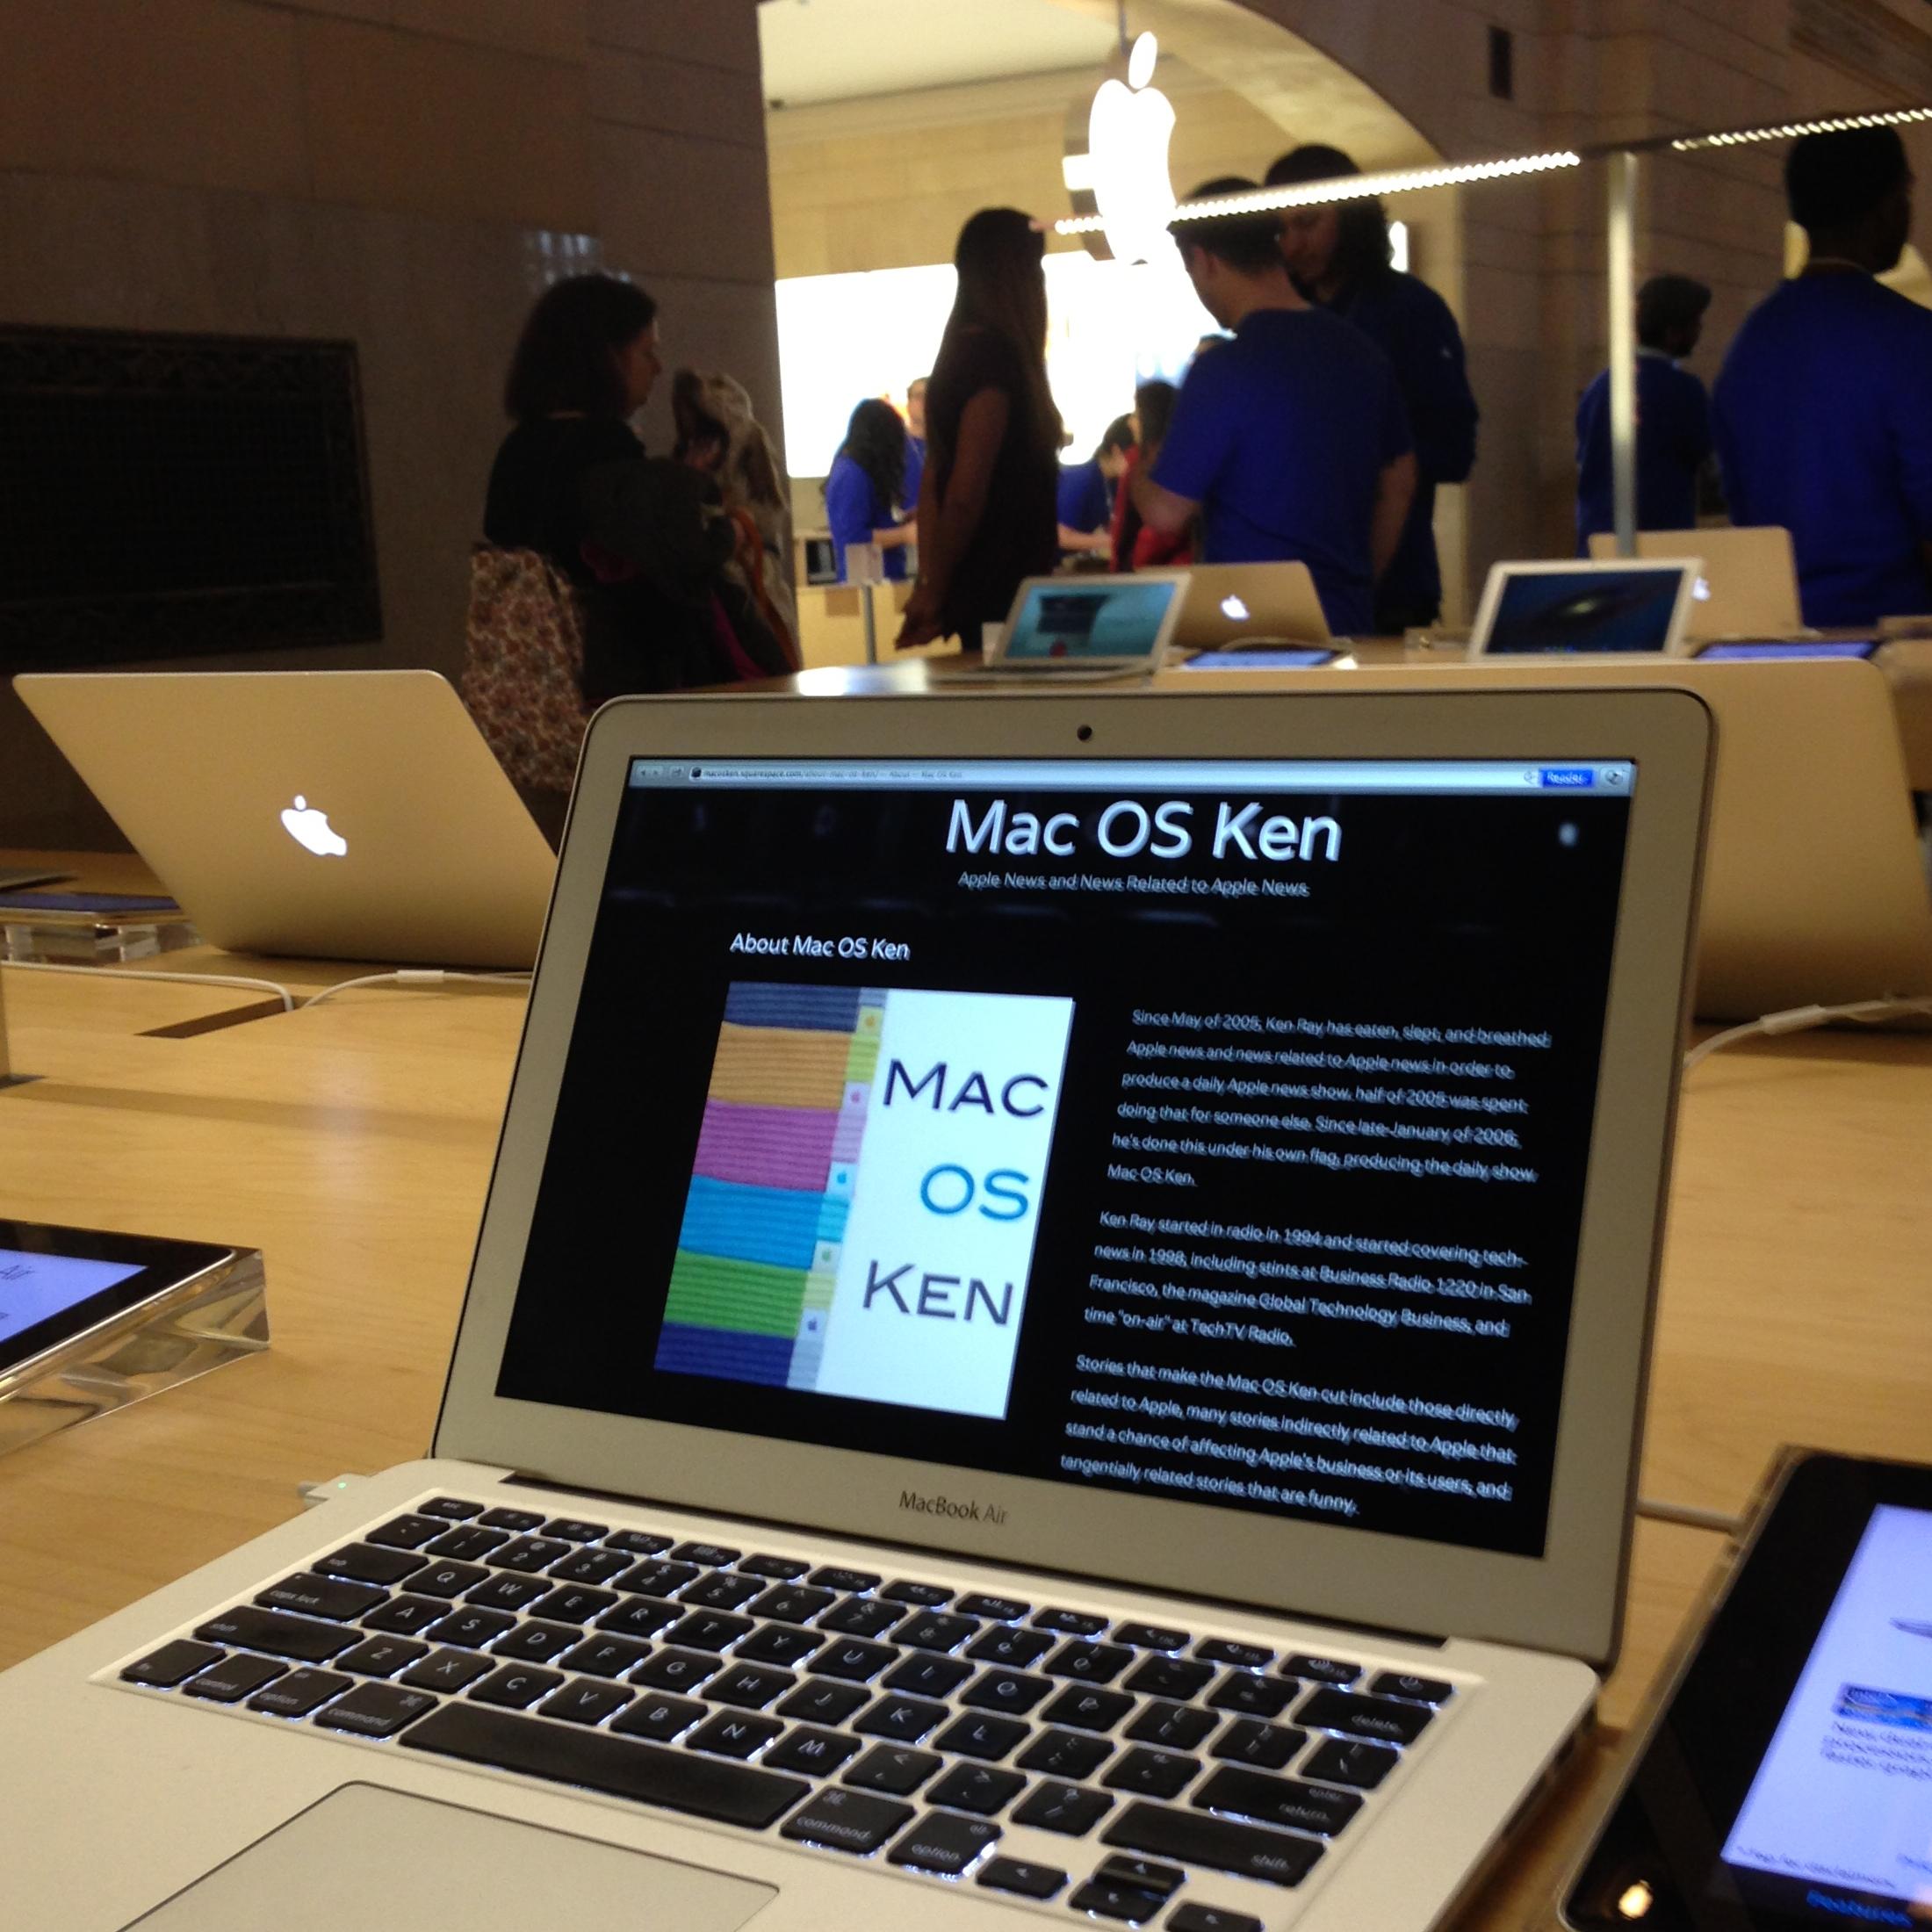 Mac OS Ken: 03.14.2013